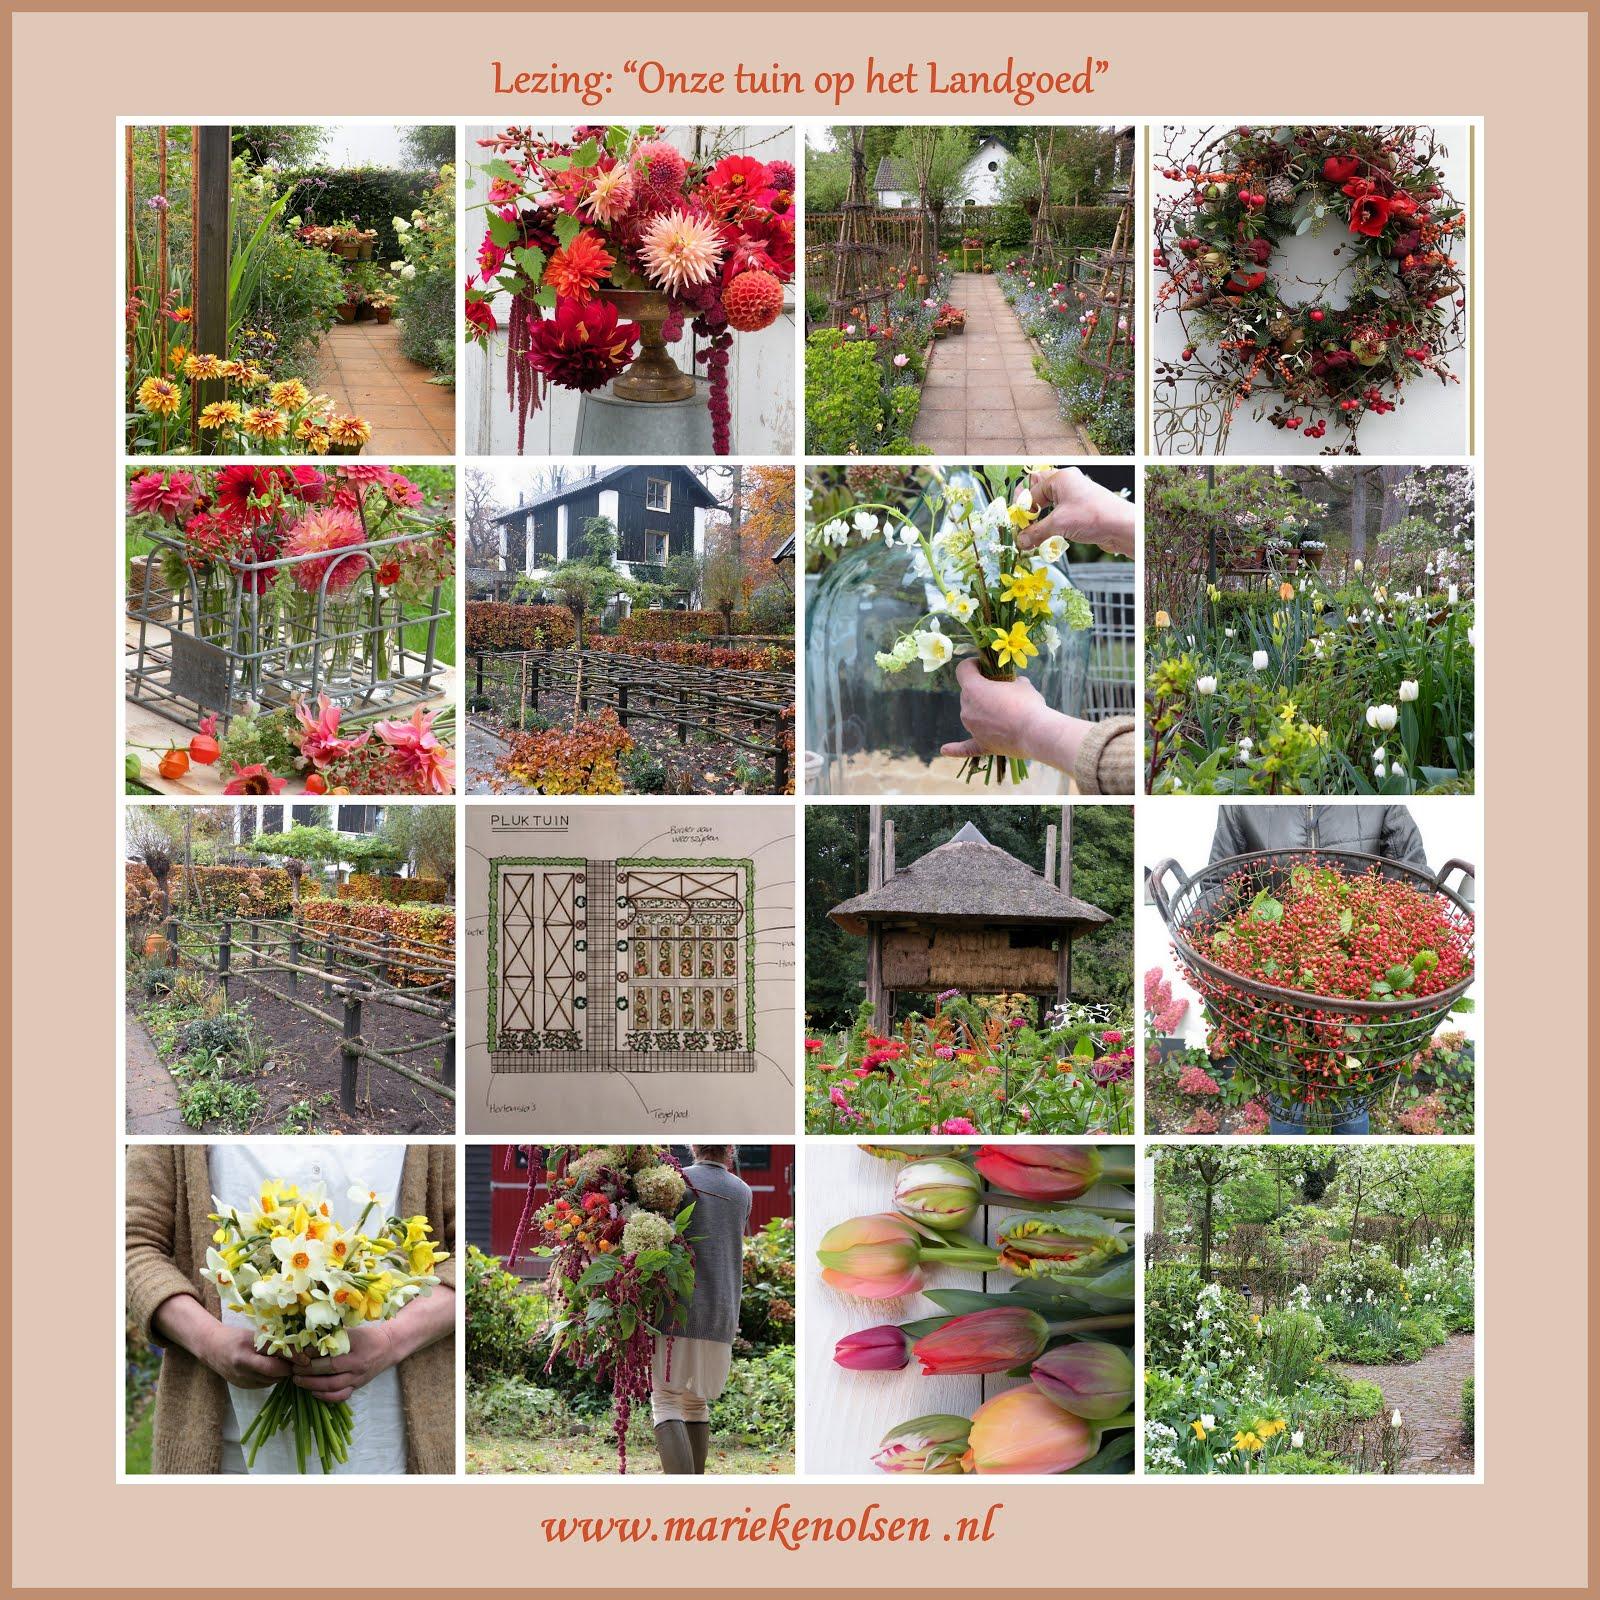 Lezing: Onze tuin op het Landgoed